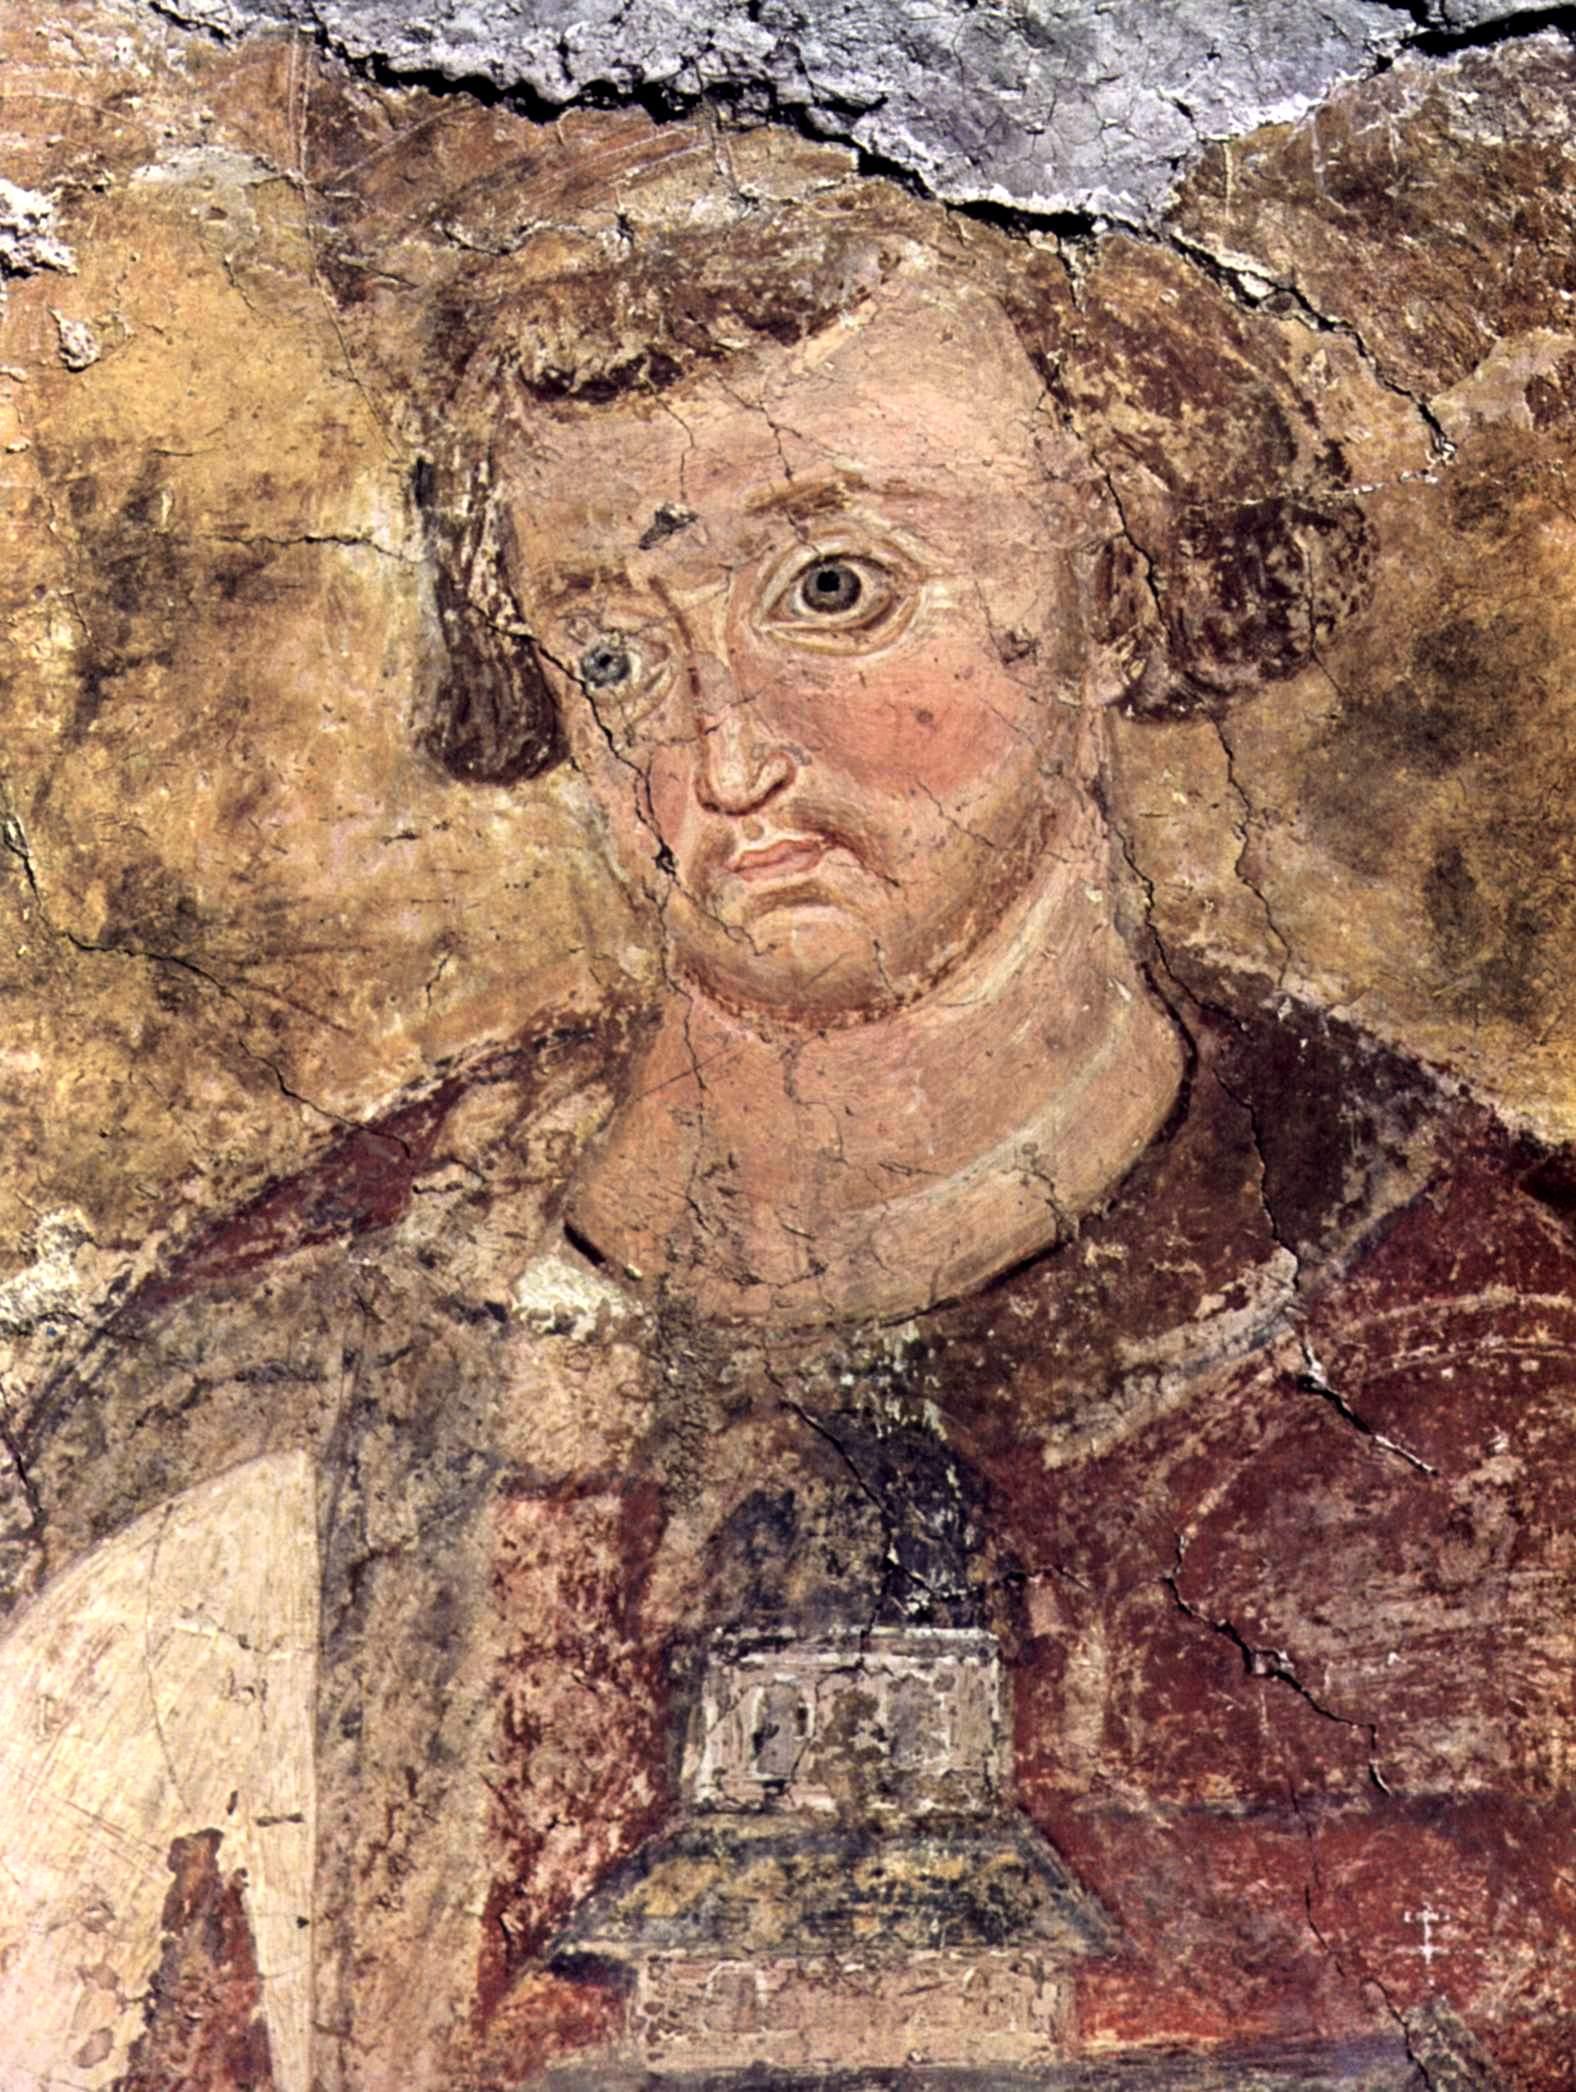 Святой Стефан Владислав, Король Сербский. Фреска монастыря Милешева (Милешево), Сербия. До 1228 года.